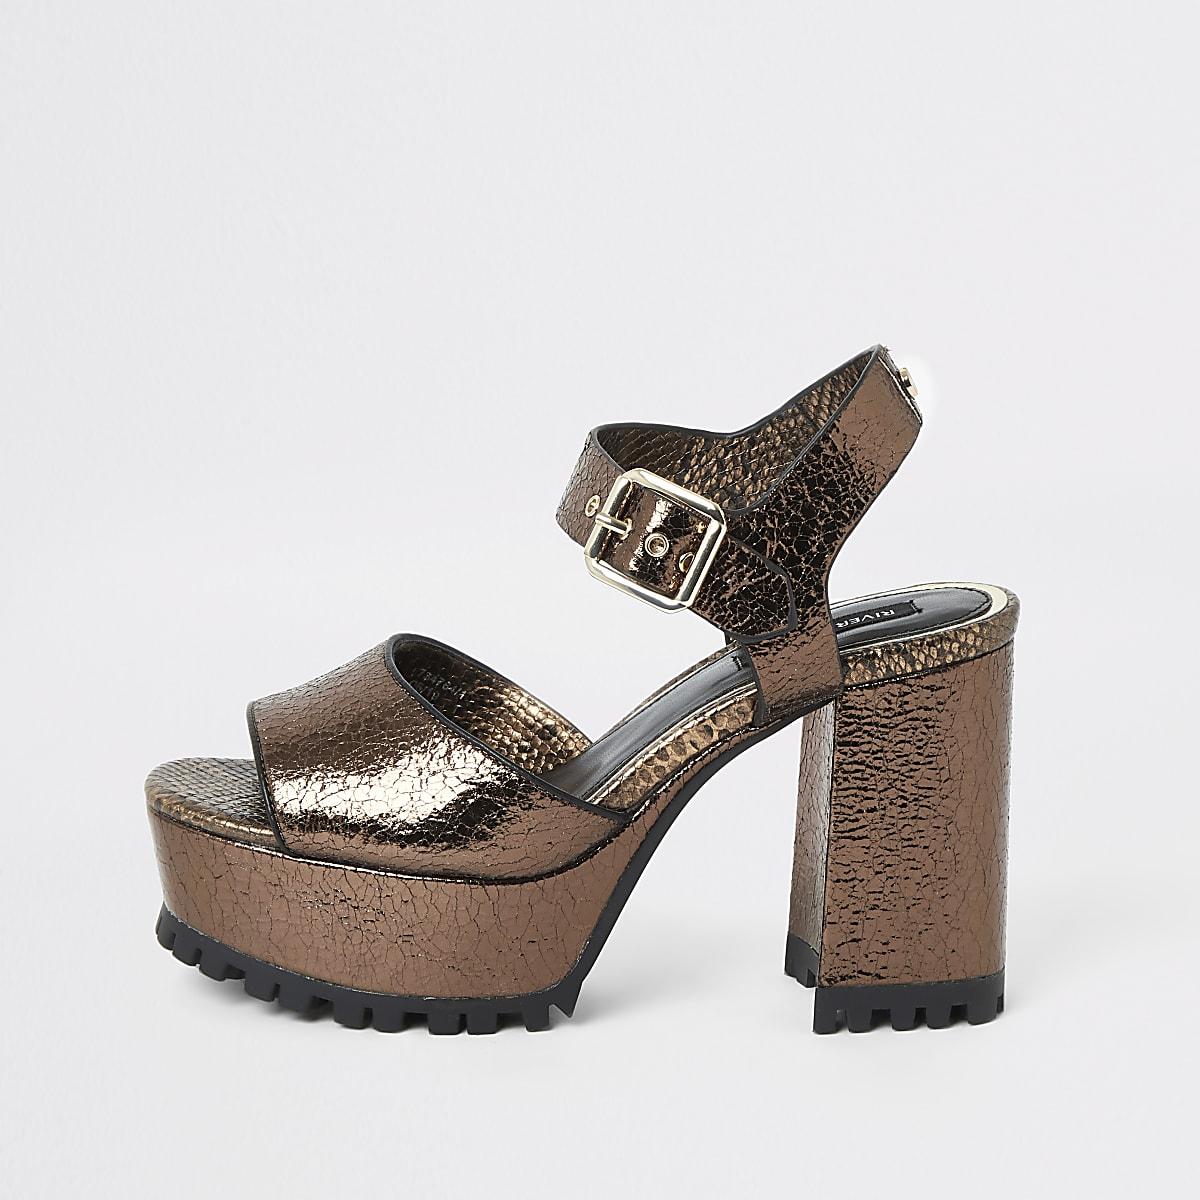 Bronze textured cleated platform sandals